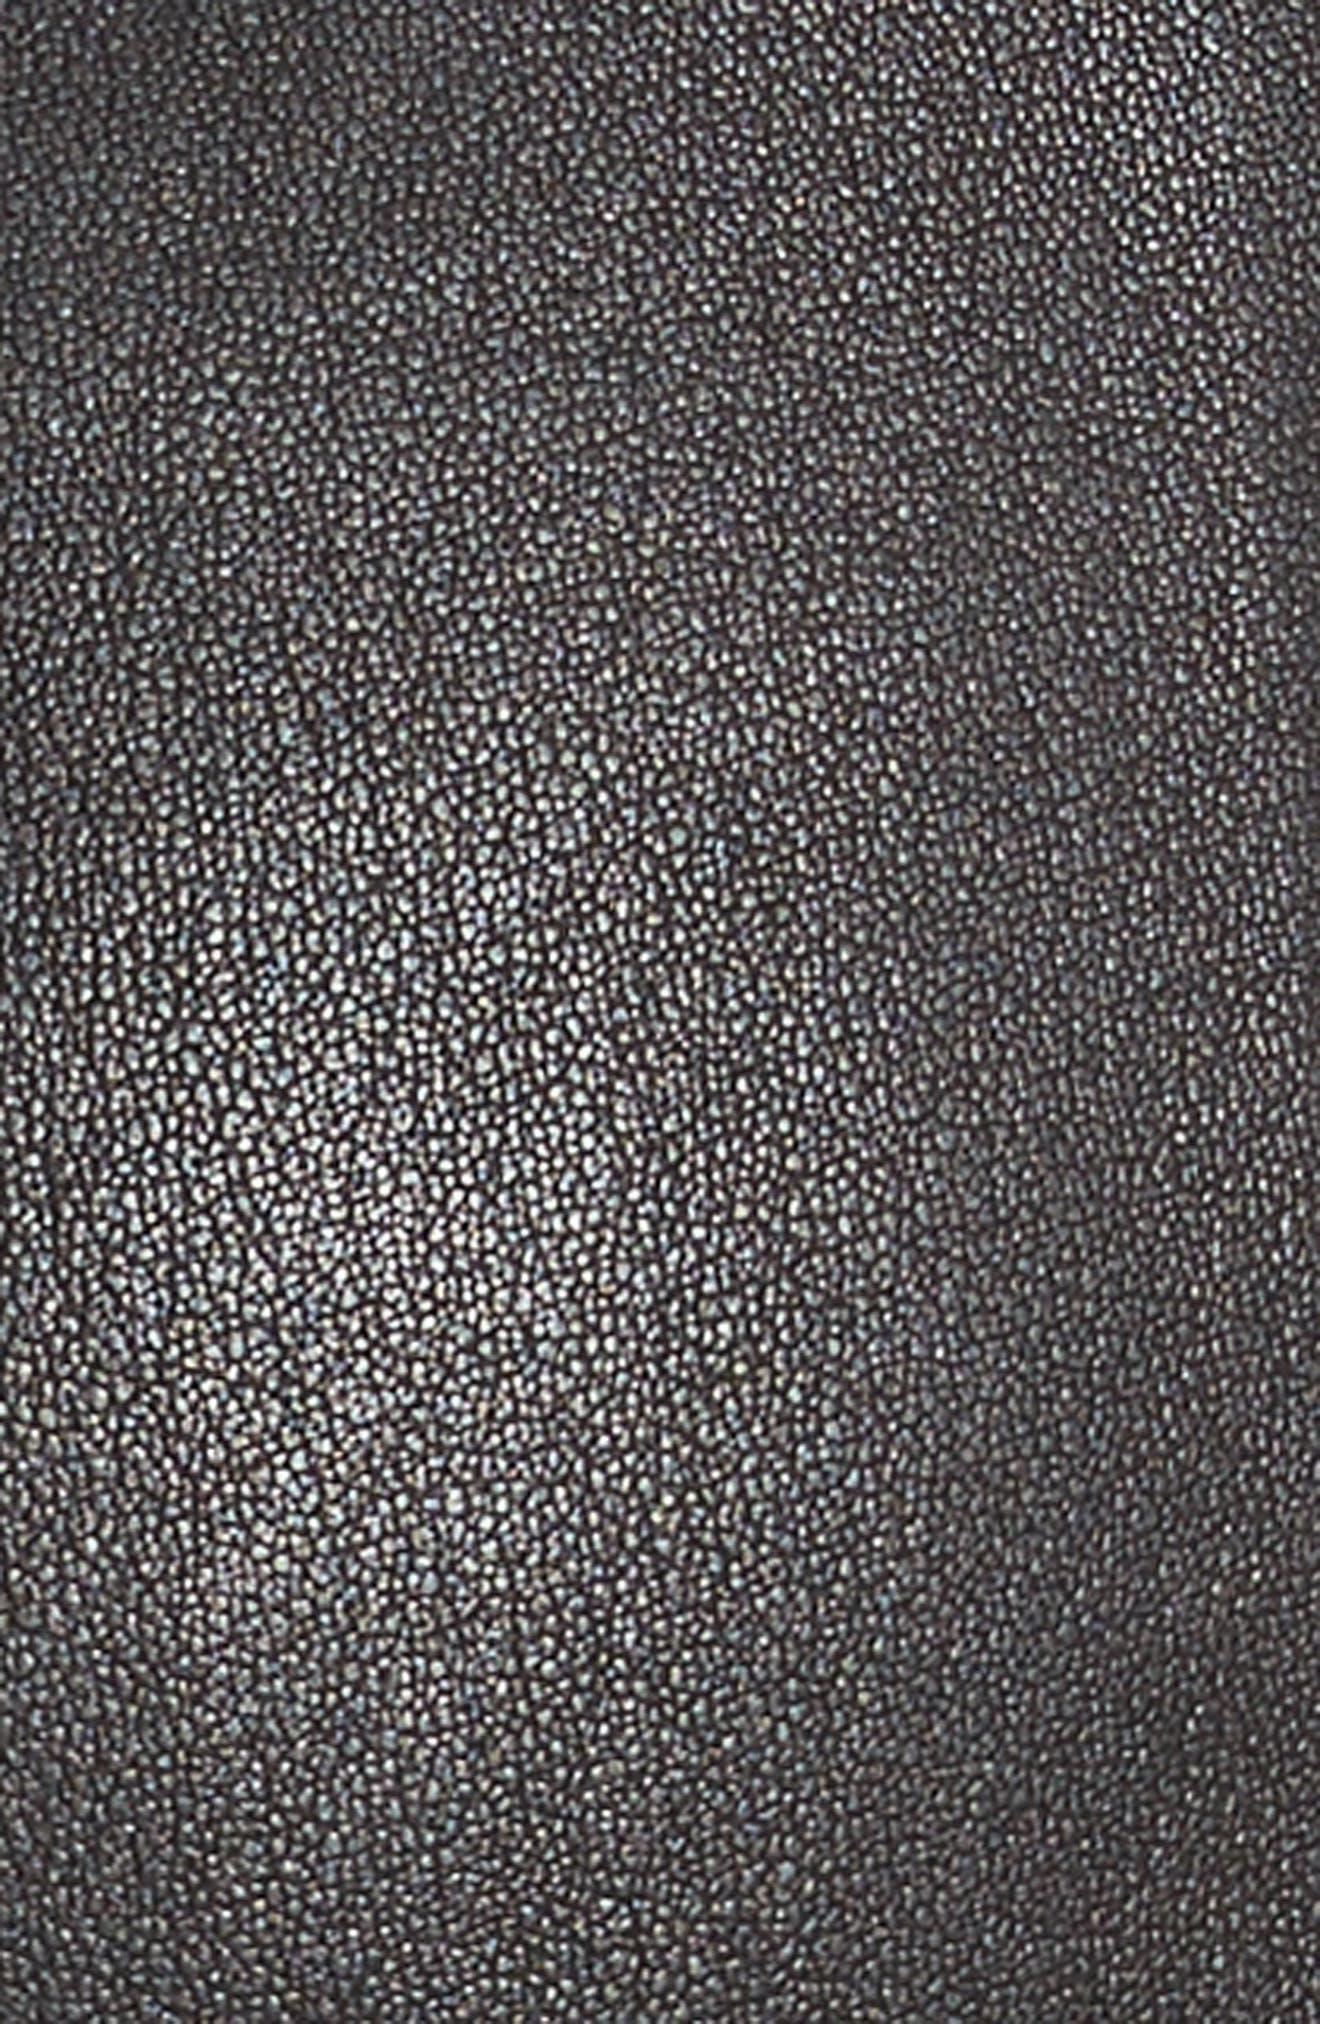 Delia Lace Up Leather Pants,                             Alternate thumbnail 5, color,                             Black